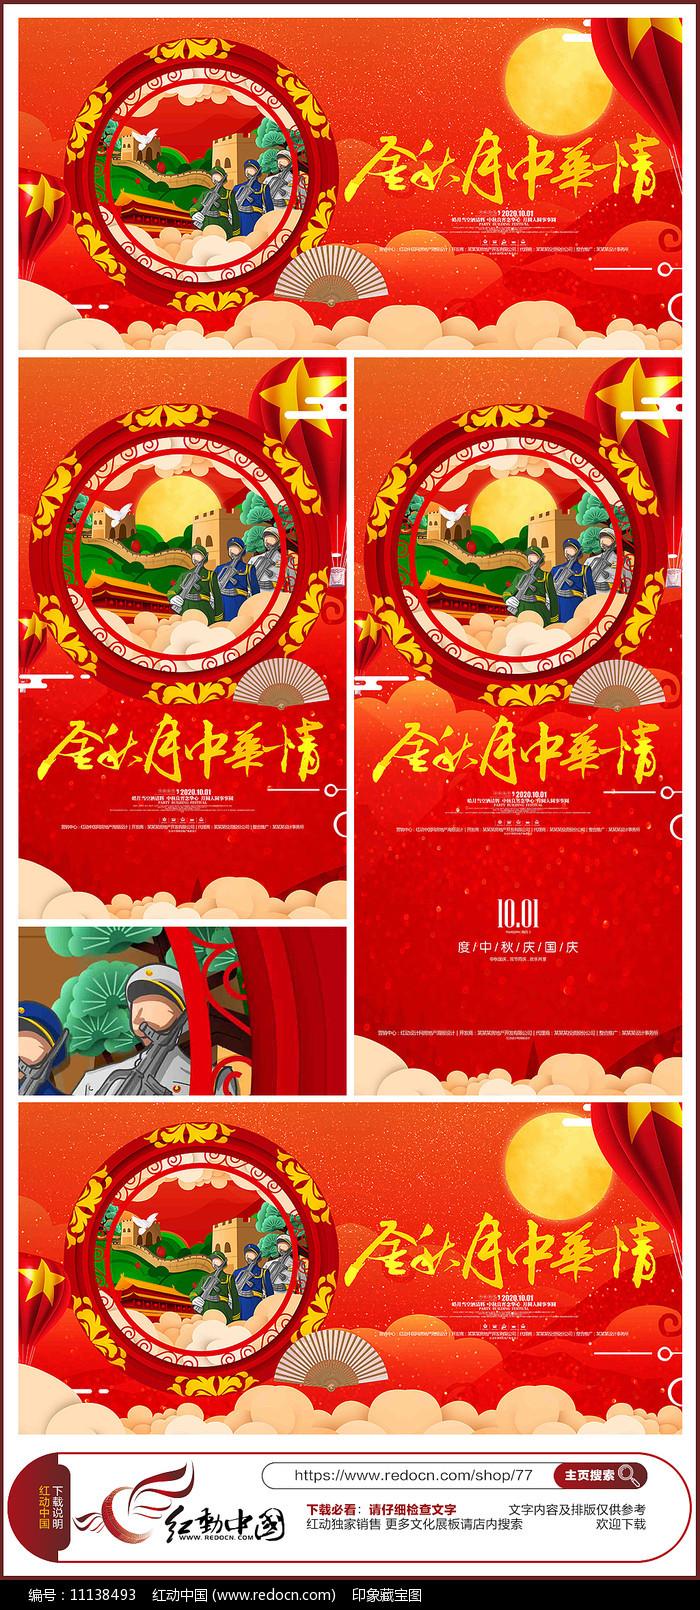 红色喜庆中秋国庆双节海报设计图片